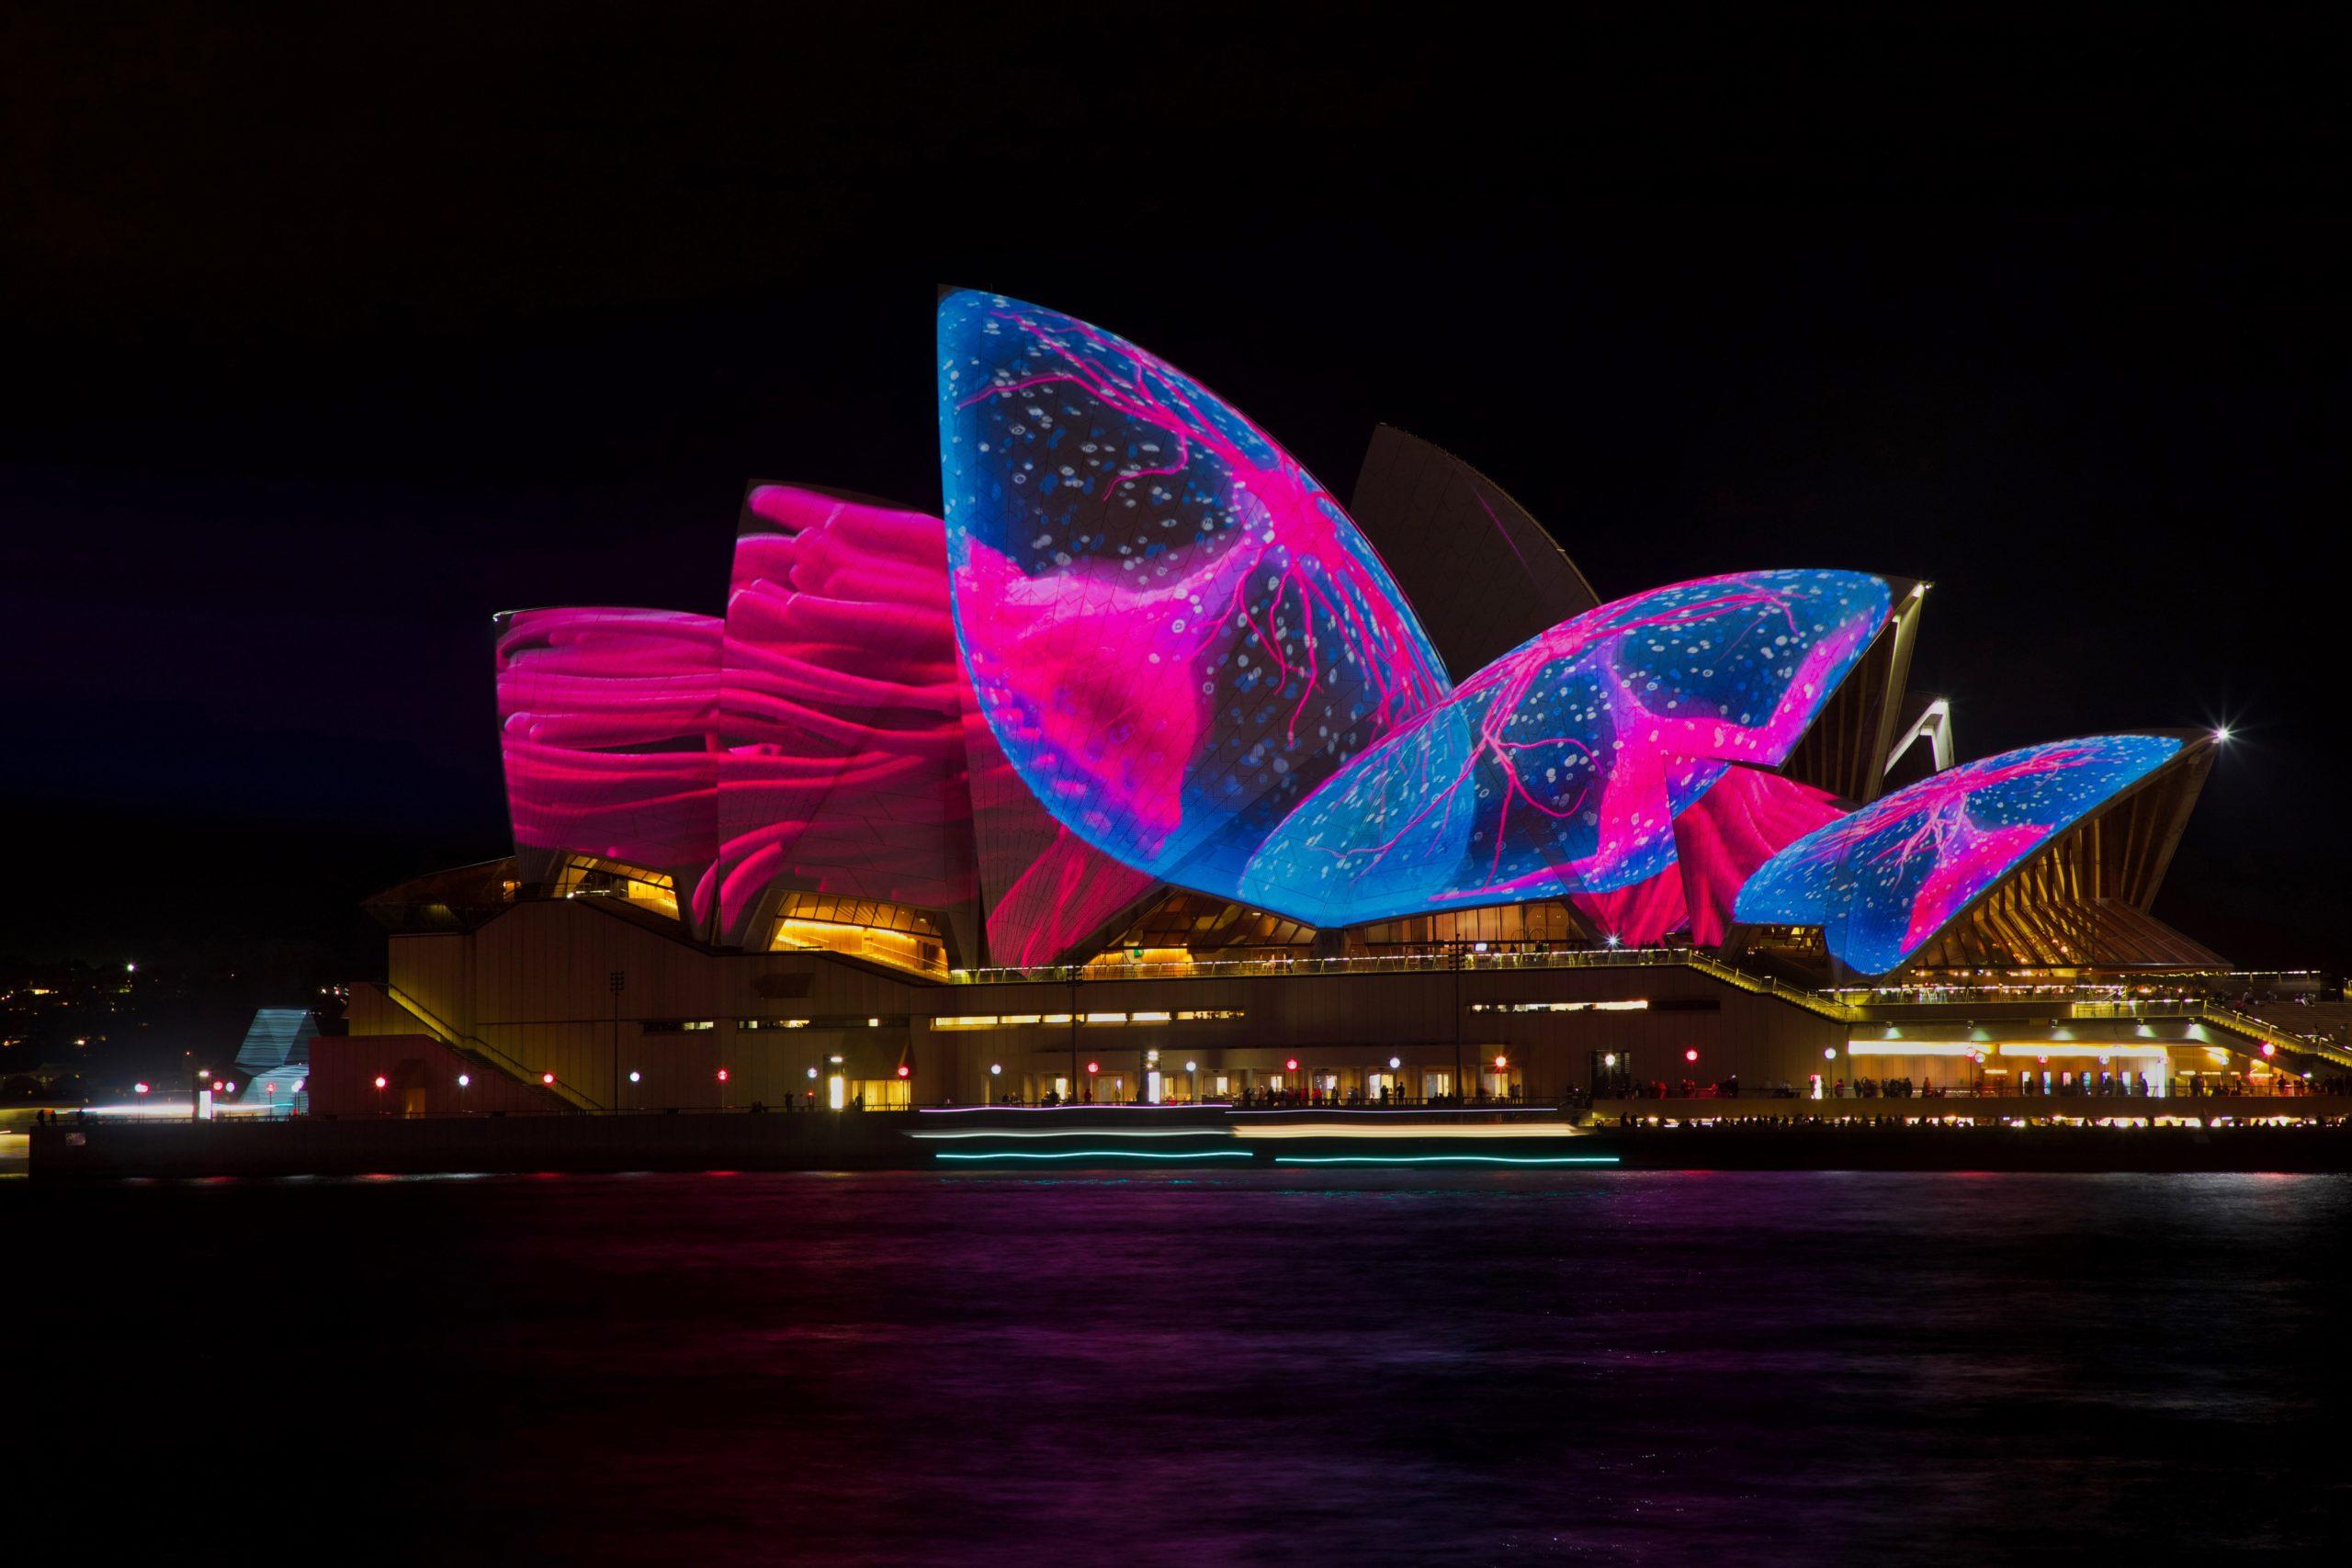 أجمل 10 معالم سياحية لا بد من زيارتها في سيدني – أستراليا